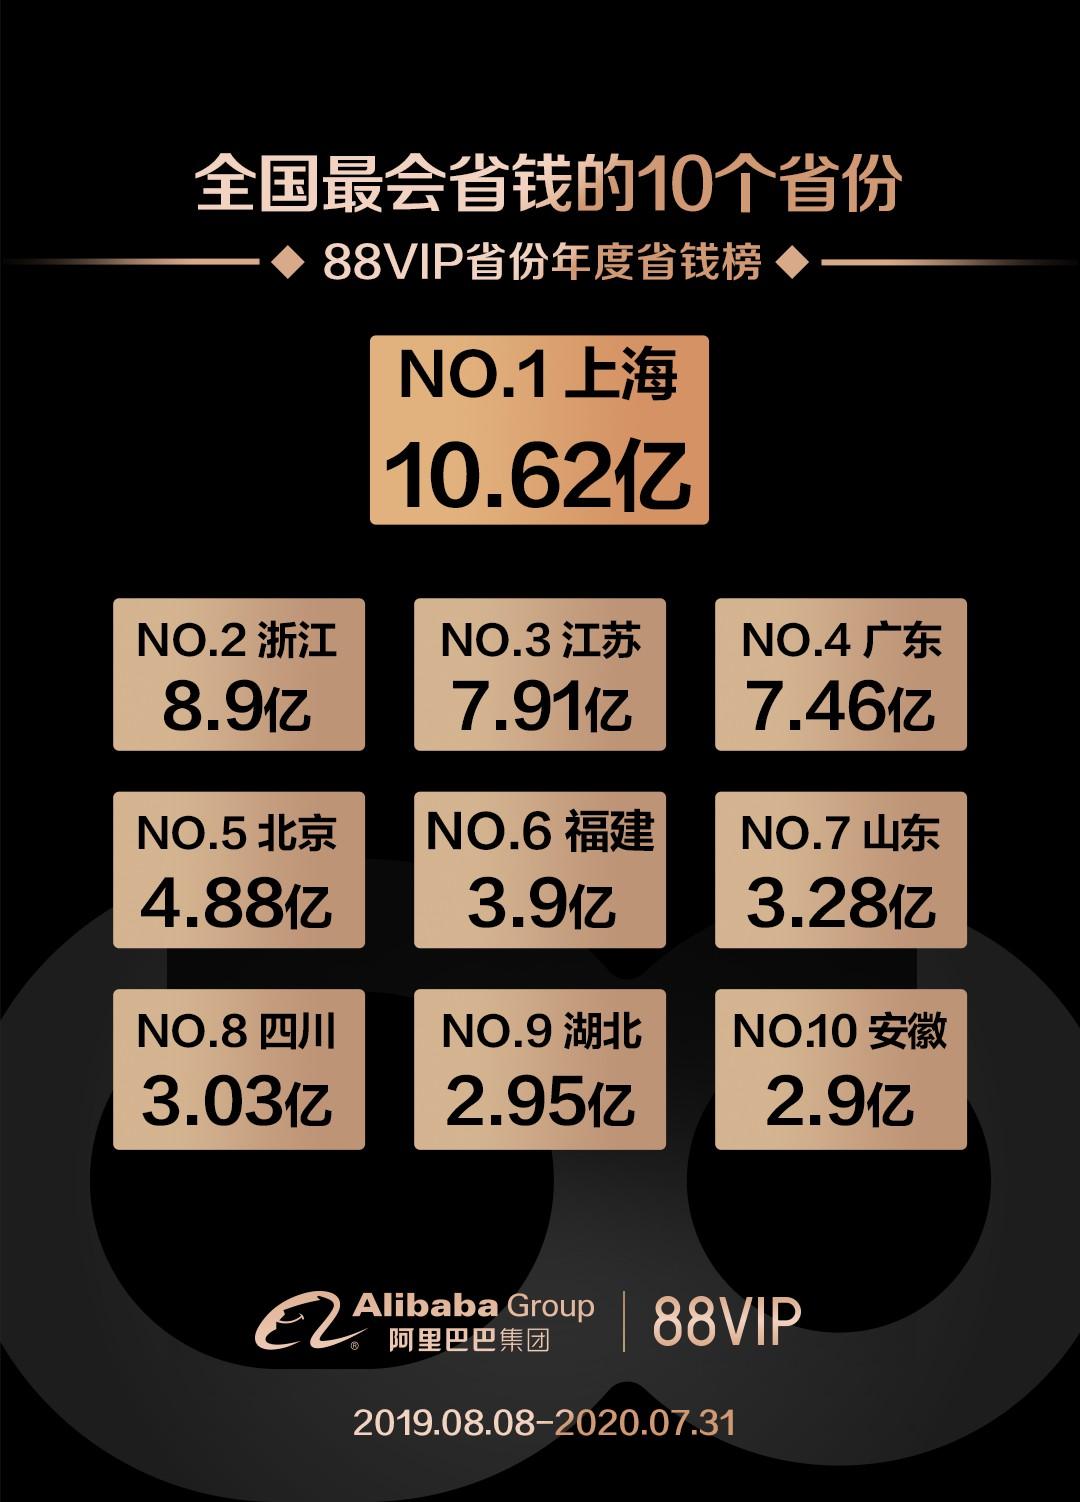 88VIP会员权益升级:阿里生态外权益占比达60%_零售_电商报